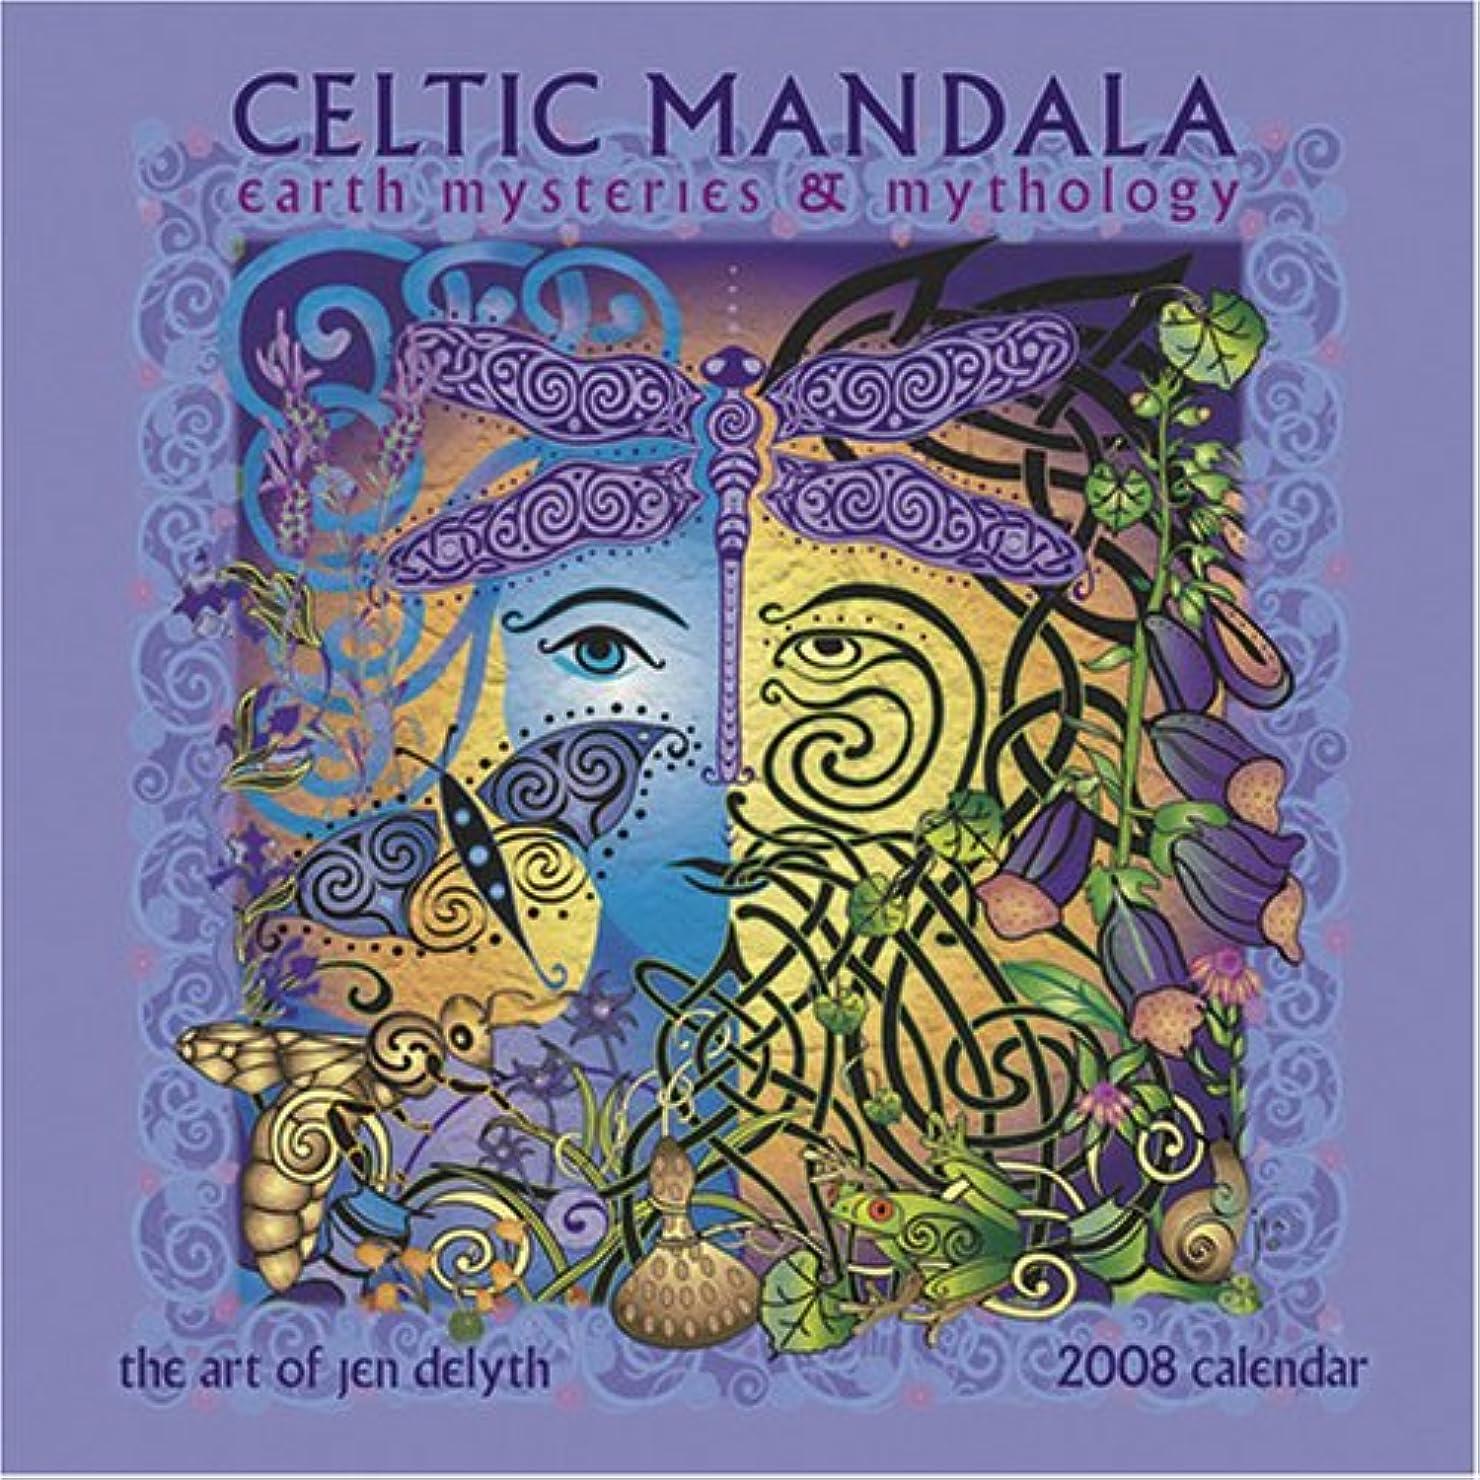 アスレチック彼らの残基Celtic Mandala: Earth Mysteries & Mythology 2008 Calendar